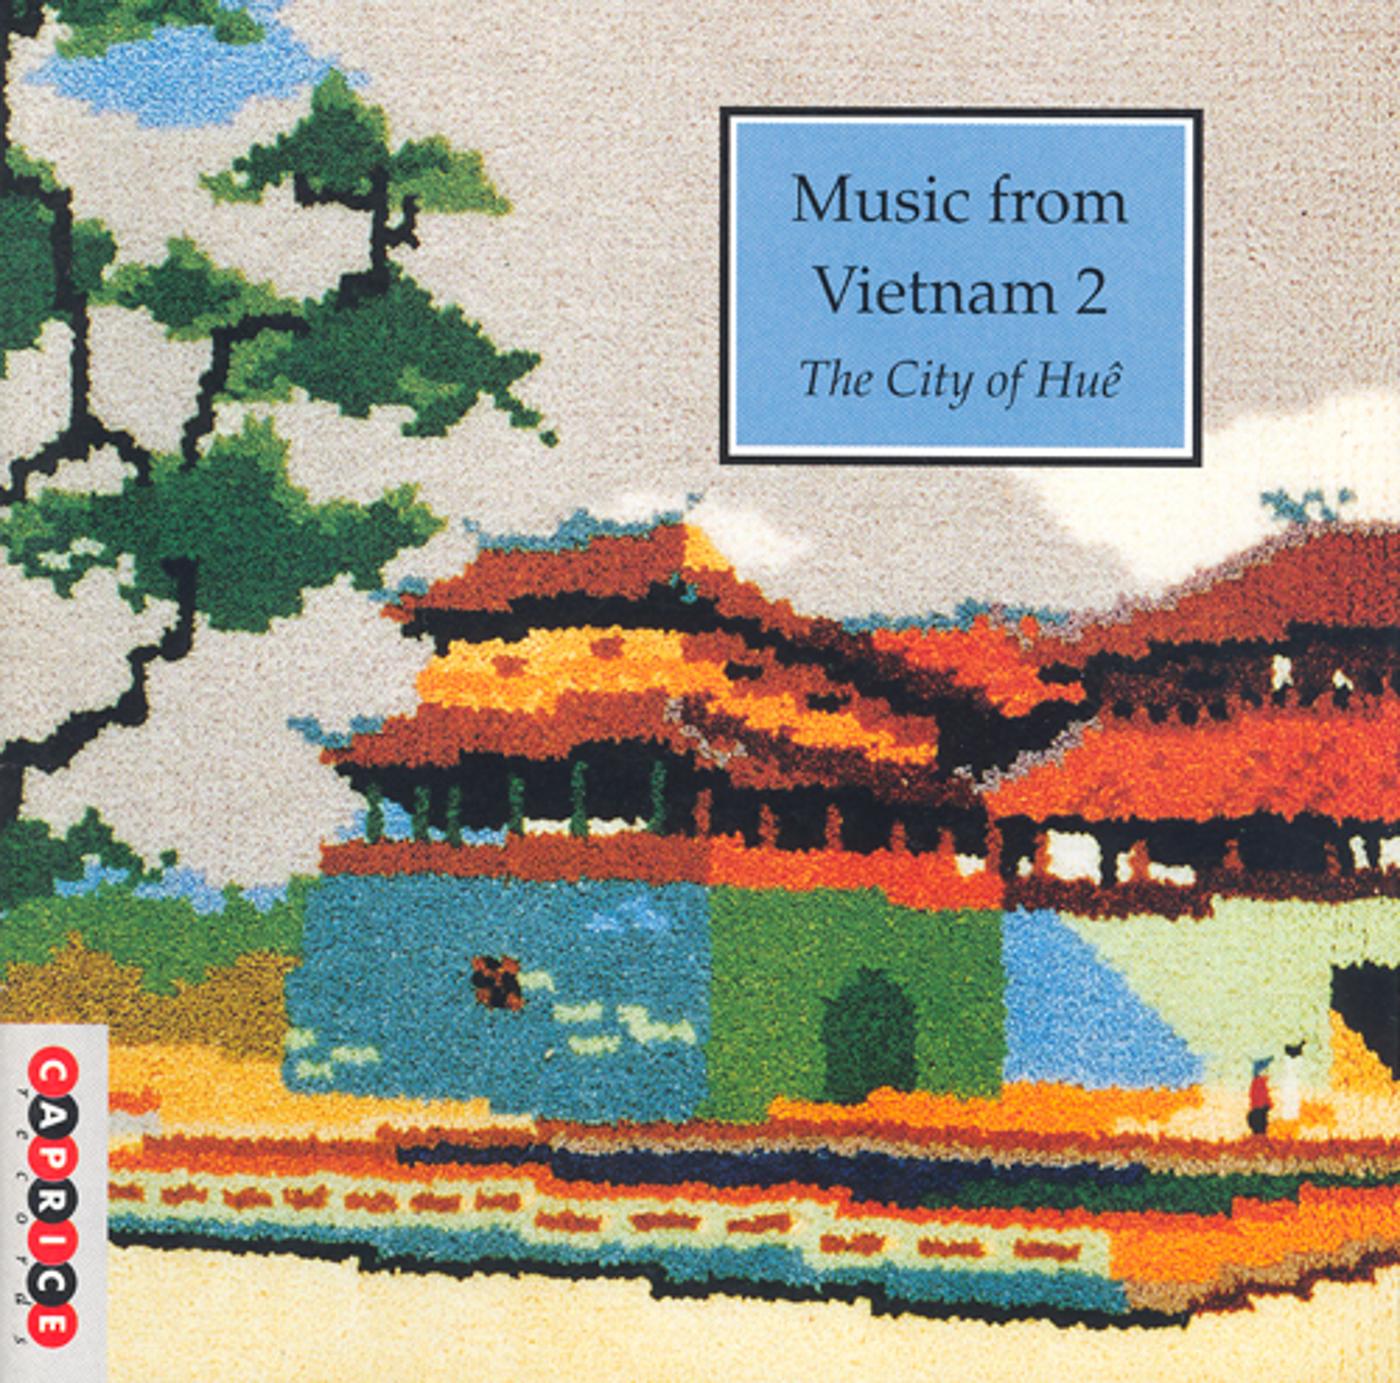 Música Vuilen Vietnam Nhac